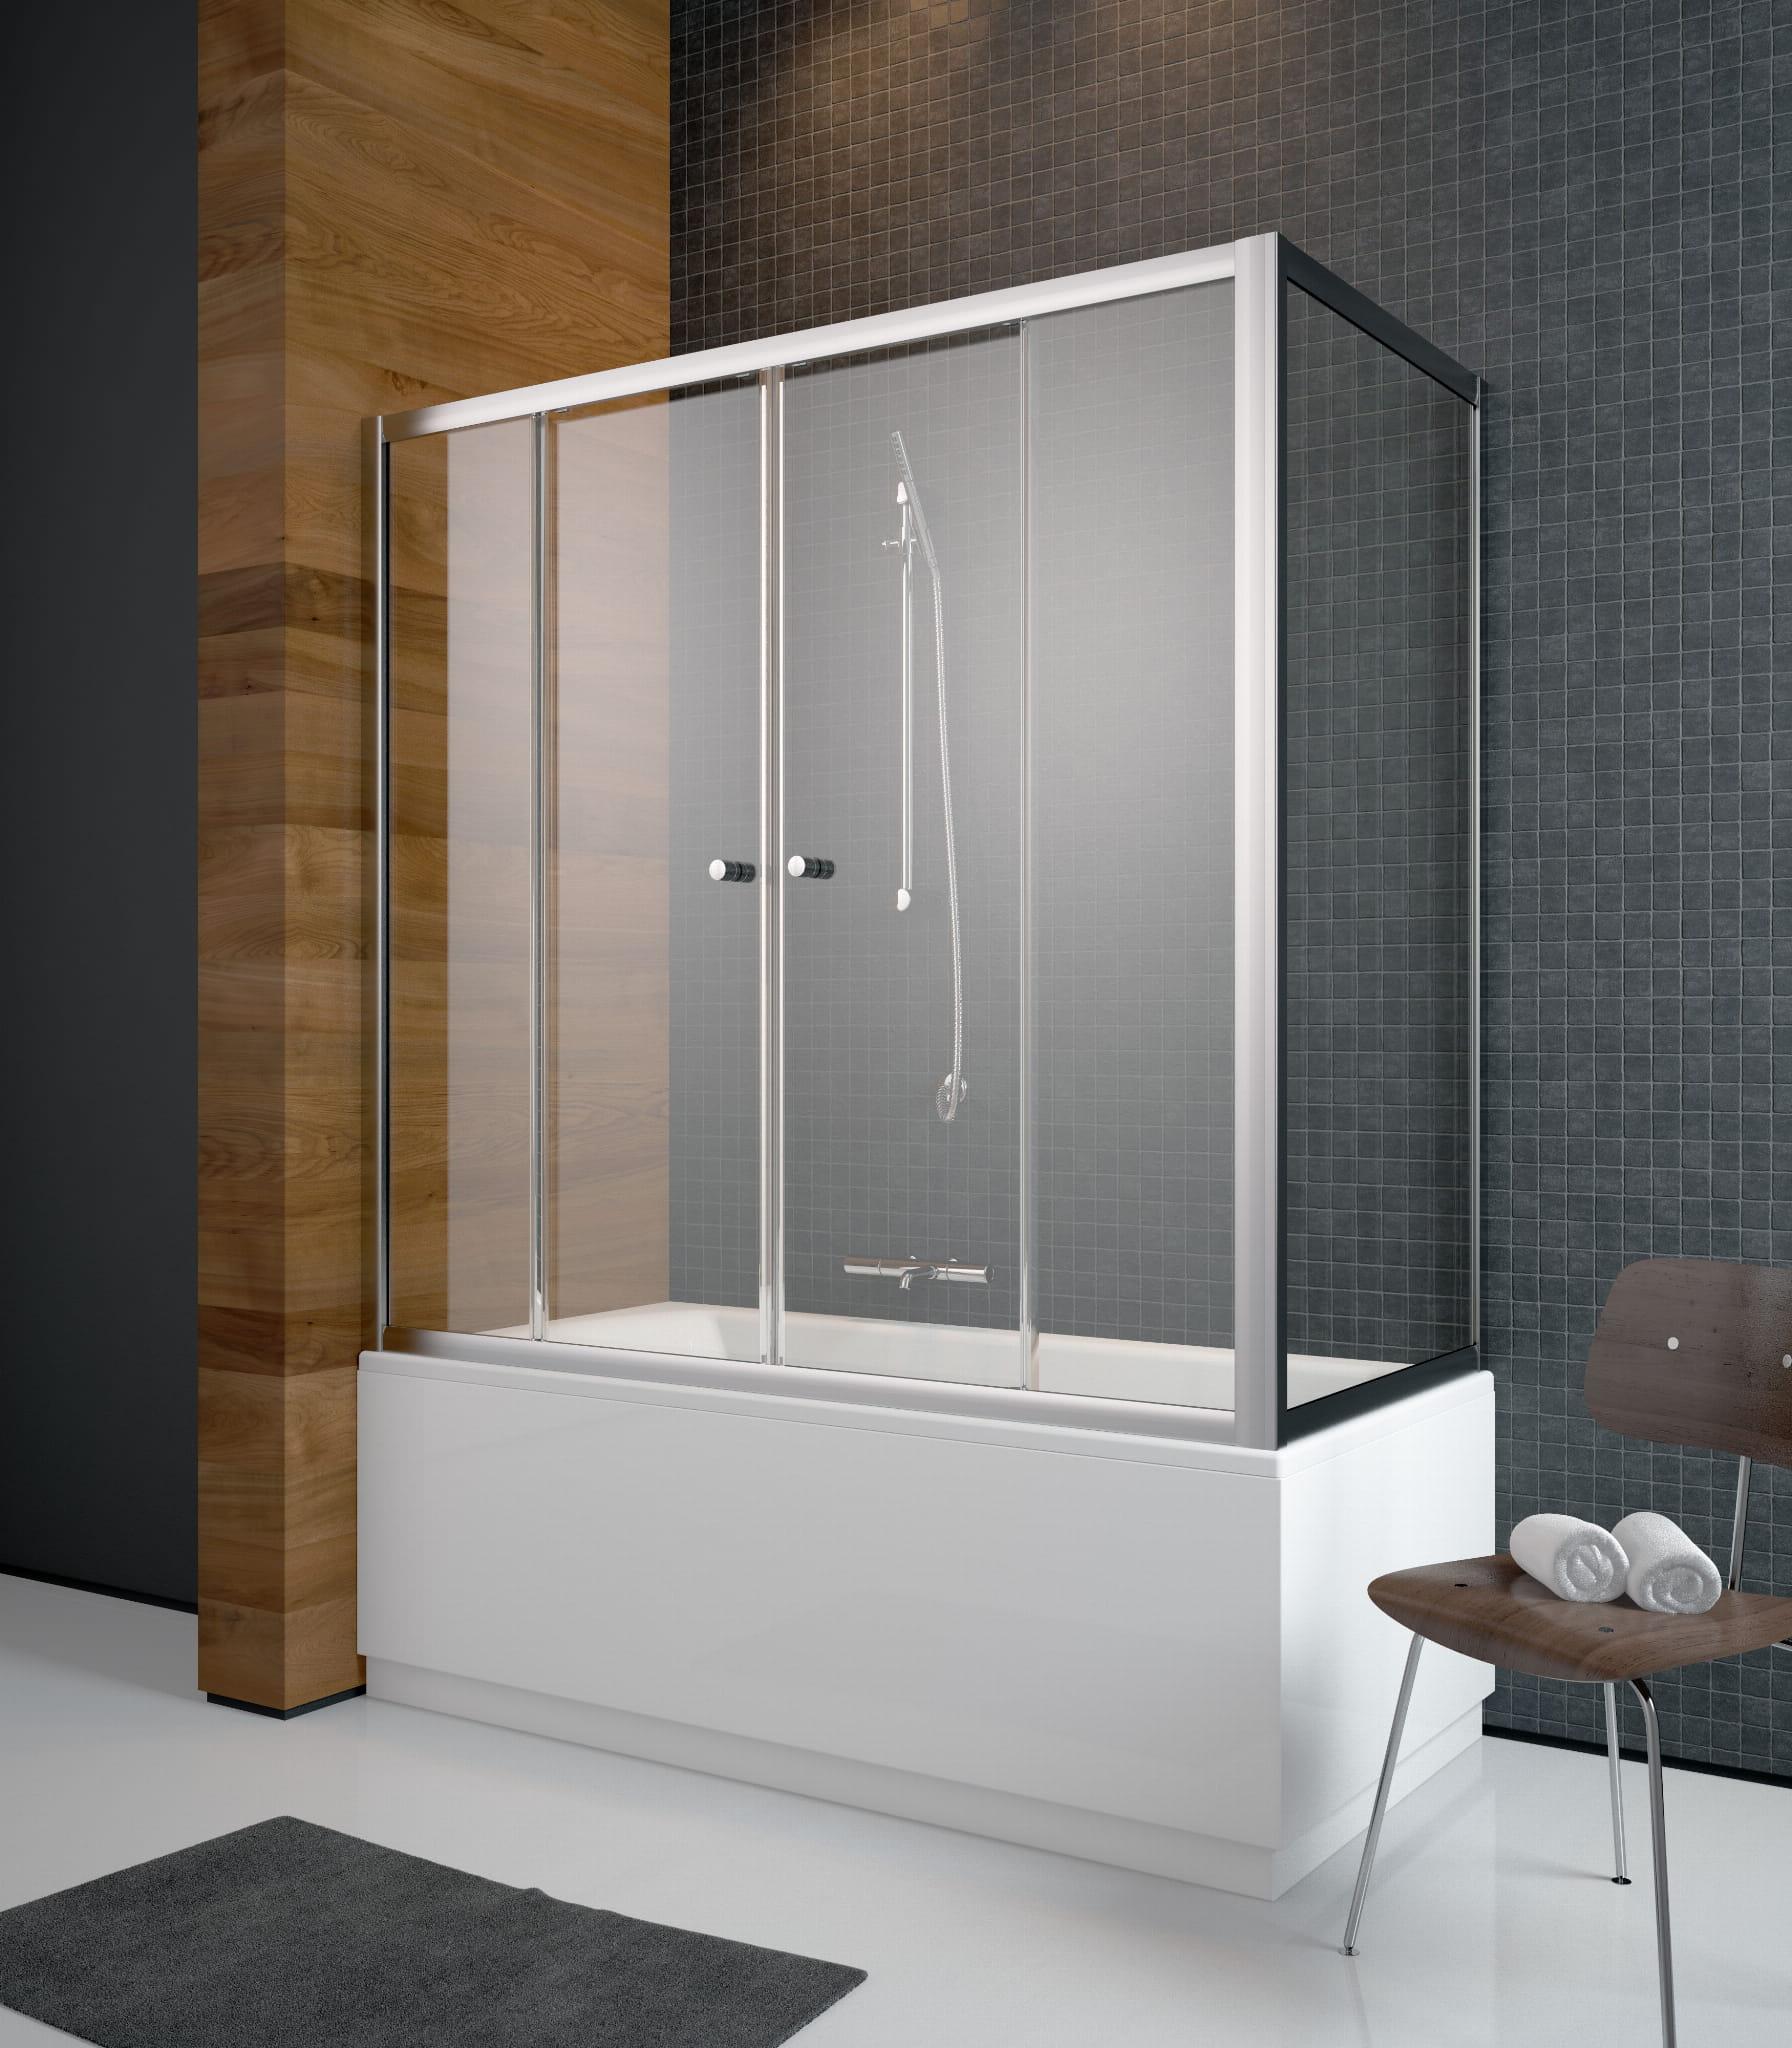 Radaway zabudowa nawannowa Vesta DWD+S 150 x 65,  szkło przejrzyste, wys. 150 cm 203150-01/204065-01